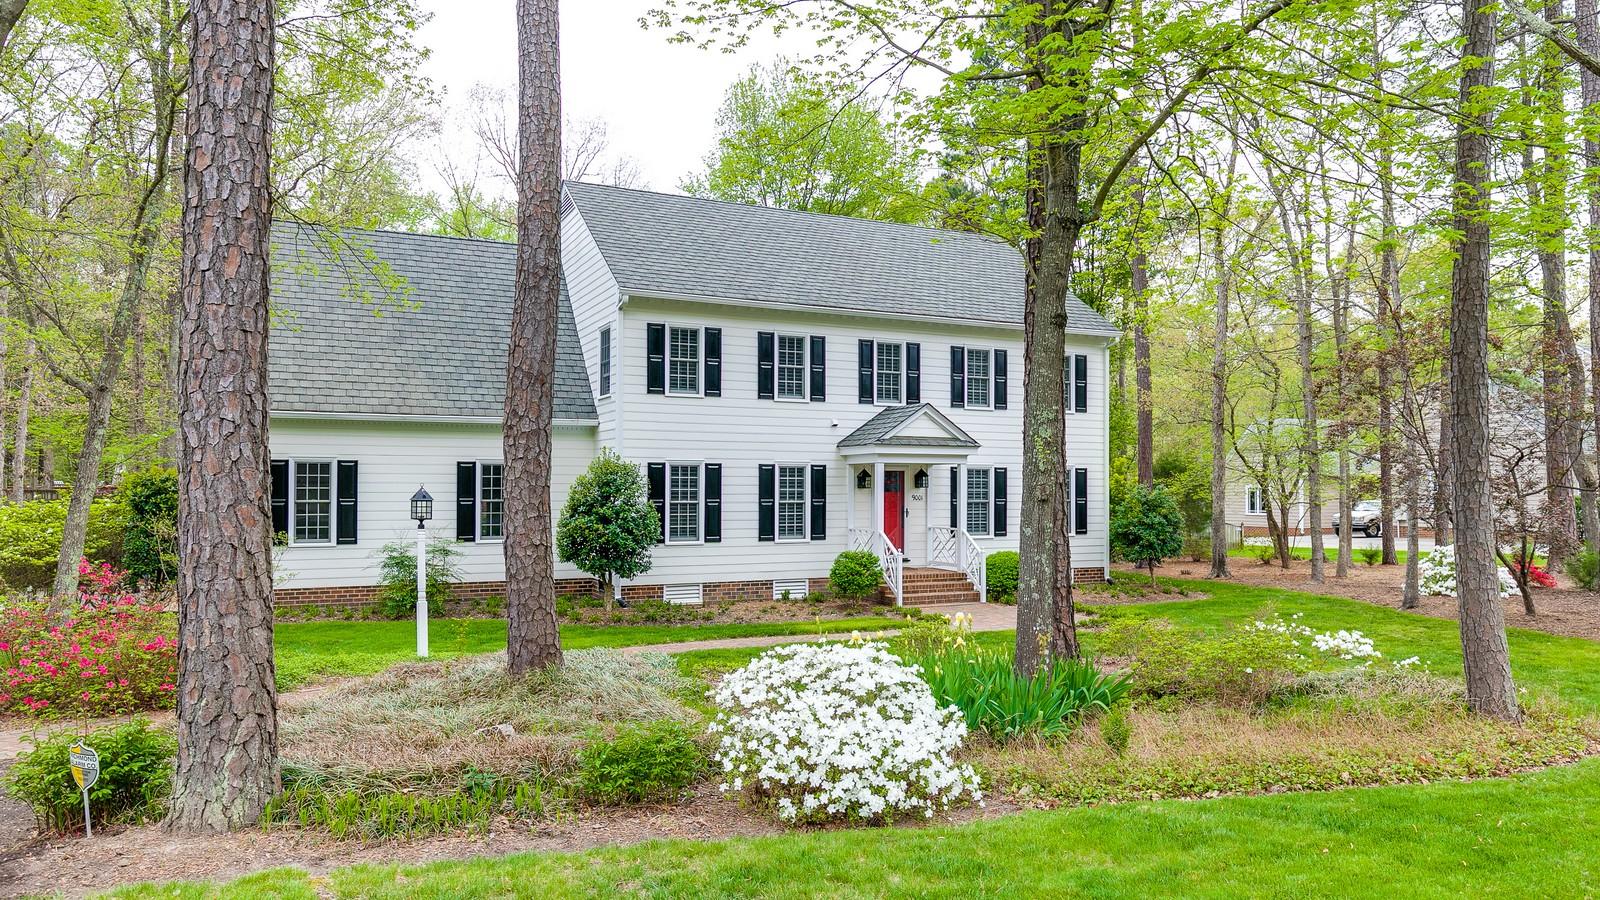 獨棟家庭住宅 為 出售 在 9001 Rio Grande Road, Richmond 9001 Rio Grande Rd Richmond, 弗吉尼亞州, 23229 美國